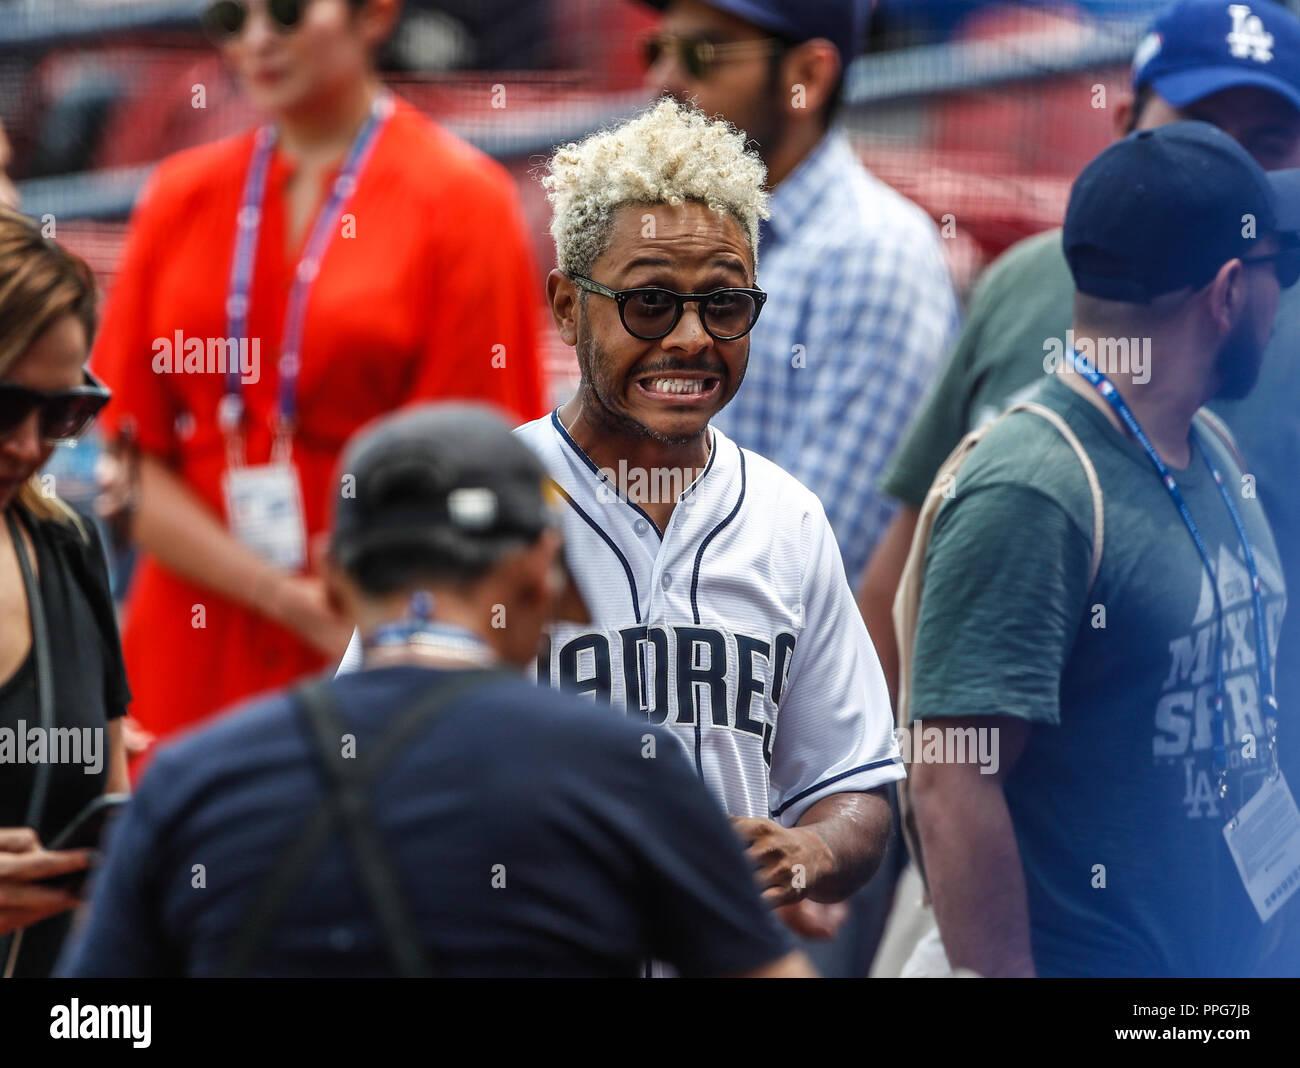 Kalimba canta el himno nacional. Acciones del partido de beisbol, Dodgers de Los Angeles contra Padres de San Diego, tercer juego de la Serie en Mexic Stock Photo